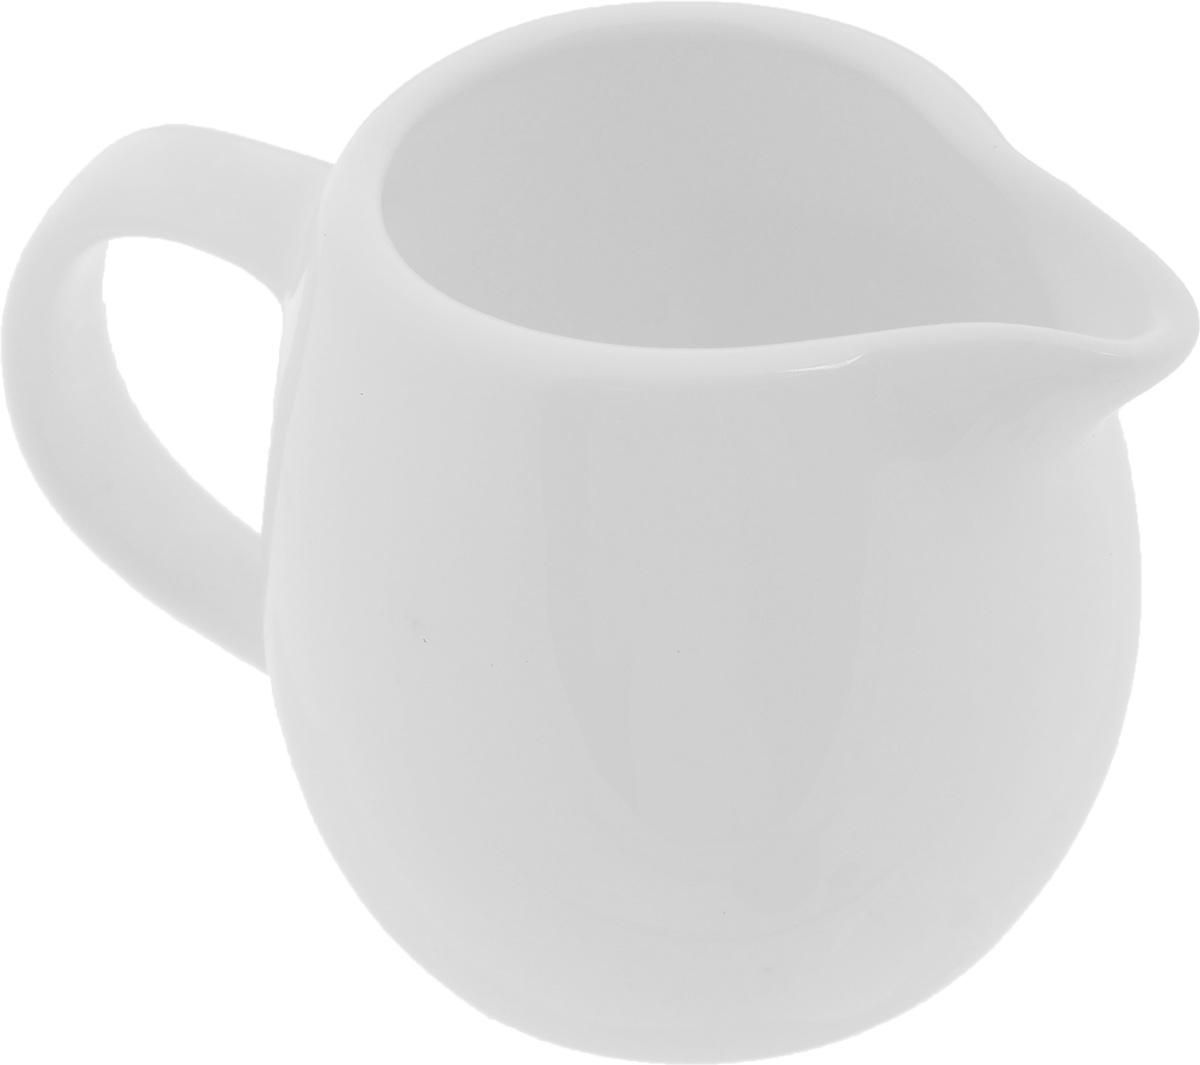 Молочник Wilmax, 150 мл115510Элегантный молочник Wilmax, выполненный из высококачественного фарфора с глазурованным покрытием, предназначен для подачи сливок, соуса и молока. Изящный, но в тоже время простой дизайн молочника, станет прекрасным украшением стола. Диаметр молочника по верхнему краю: 4,5 см.Ширина молочника (с учетом ручки и носика): 9,5 см.Высота молочника: 6,5 см.